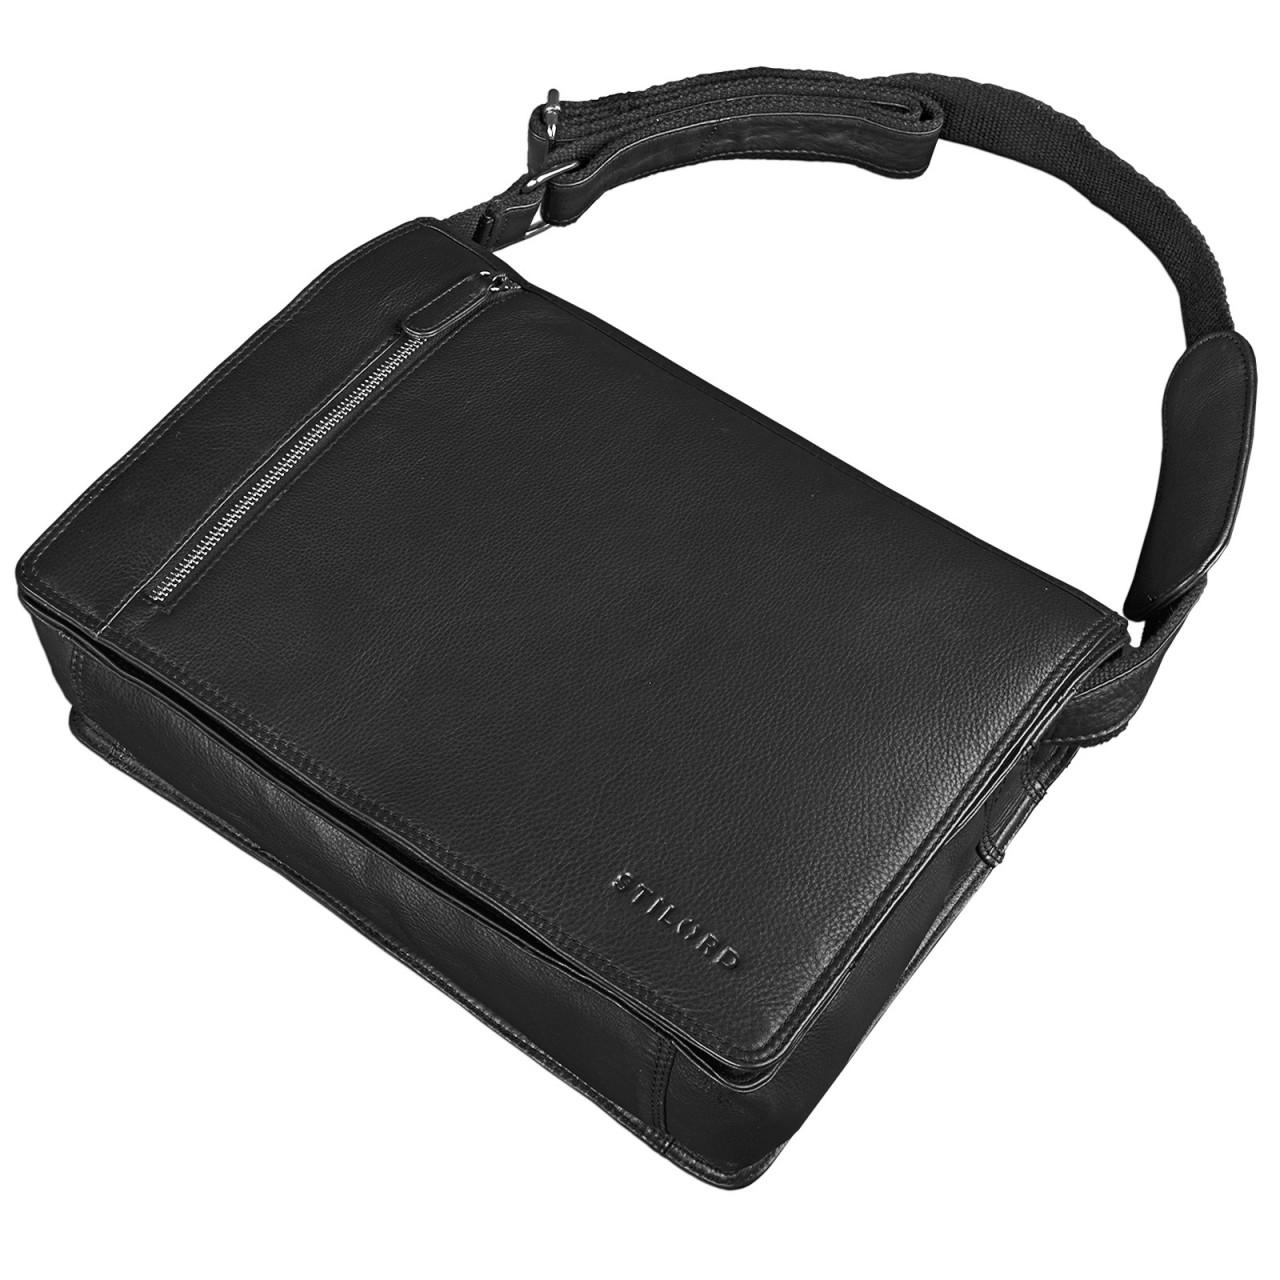 """STILORD """"Noah"""" Vintage Umhängetasche Leder 13,3 Zoll Laptoptasche Studium Uni Büro Arbeit Unisex für MacBook echtes Rindsleder - Bild 14"""